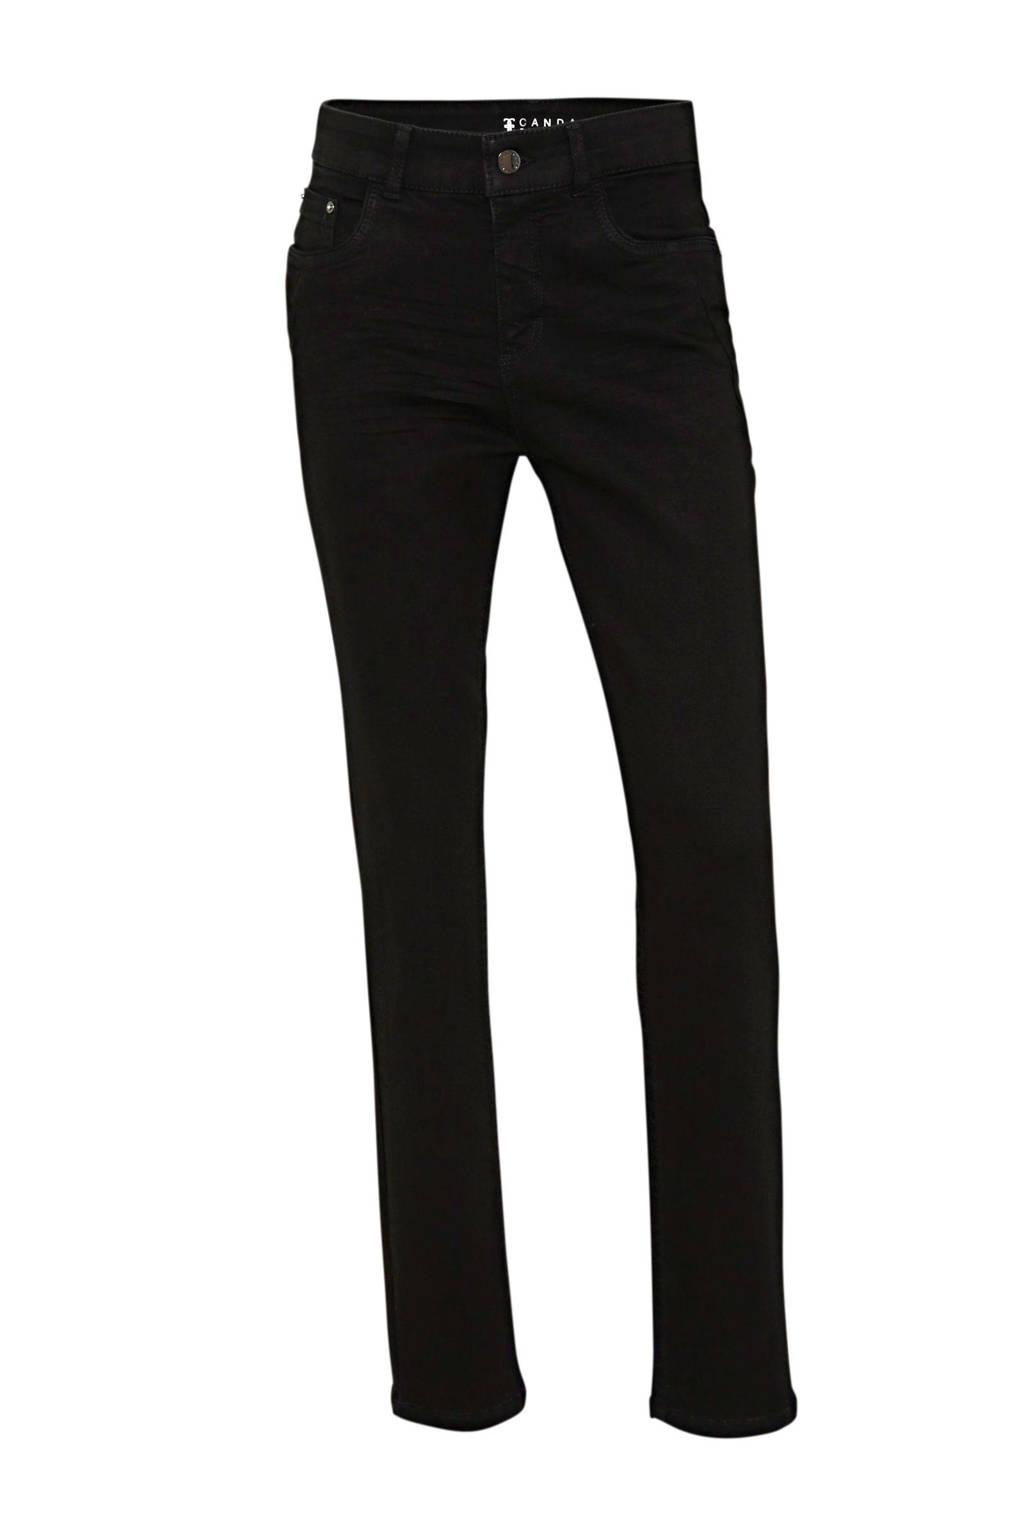 C&A high waist slim fit jeans zwart, Zwart